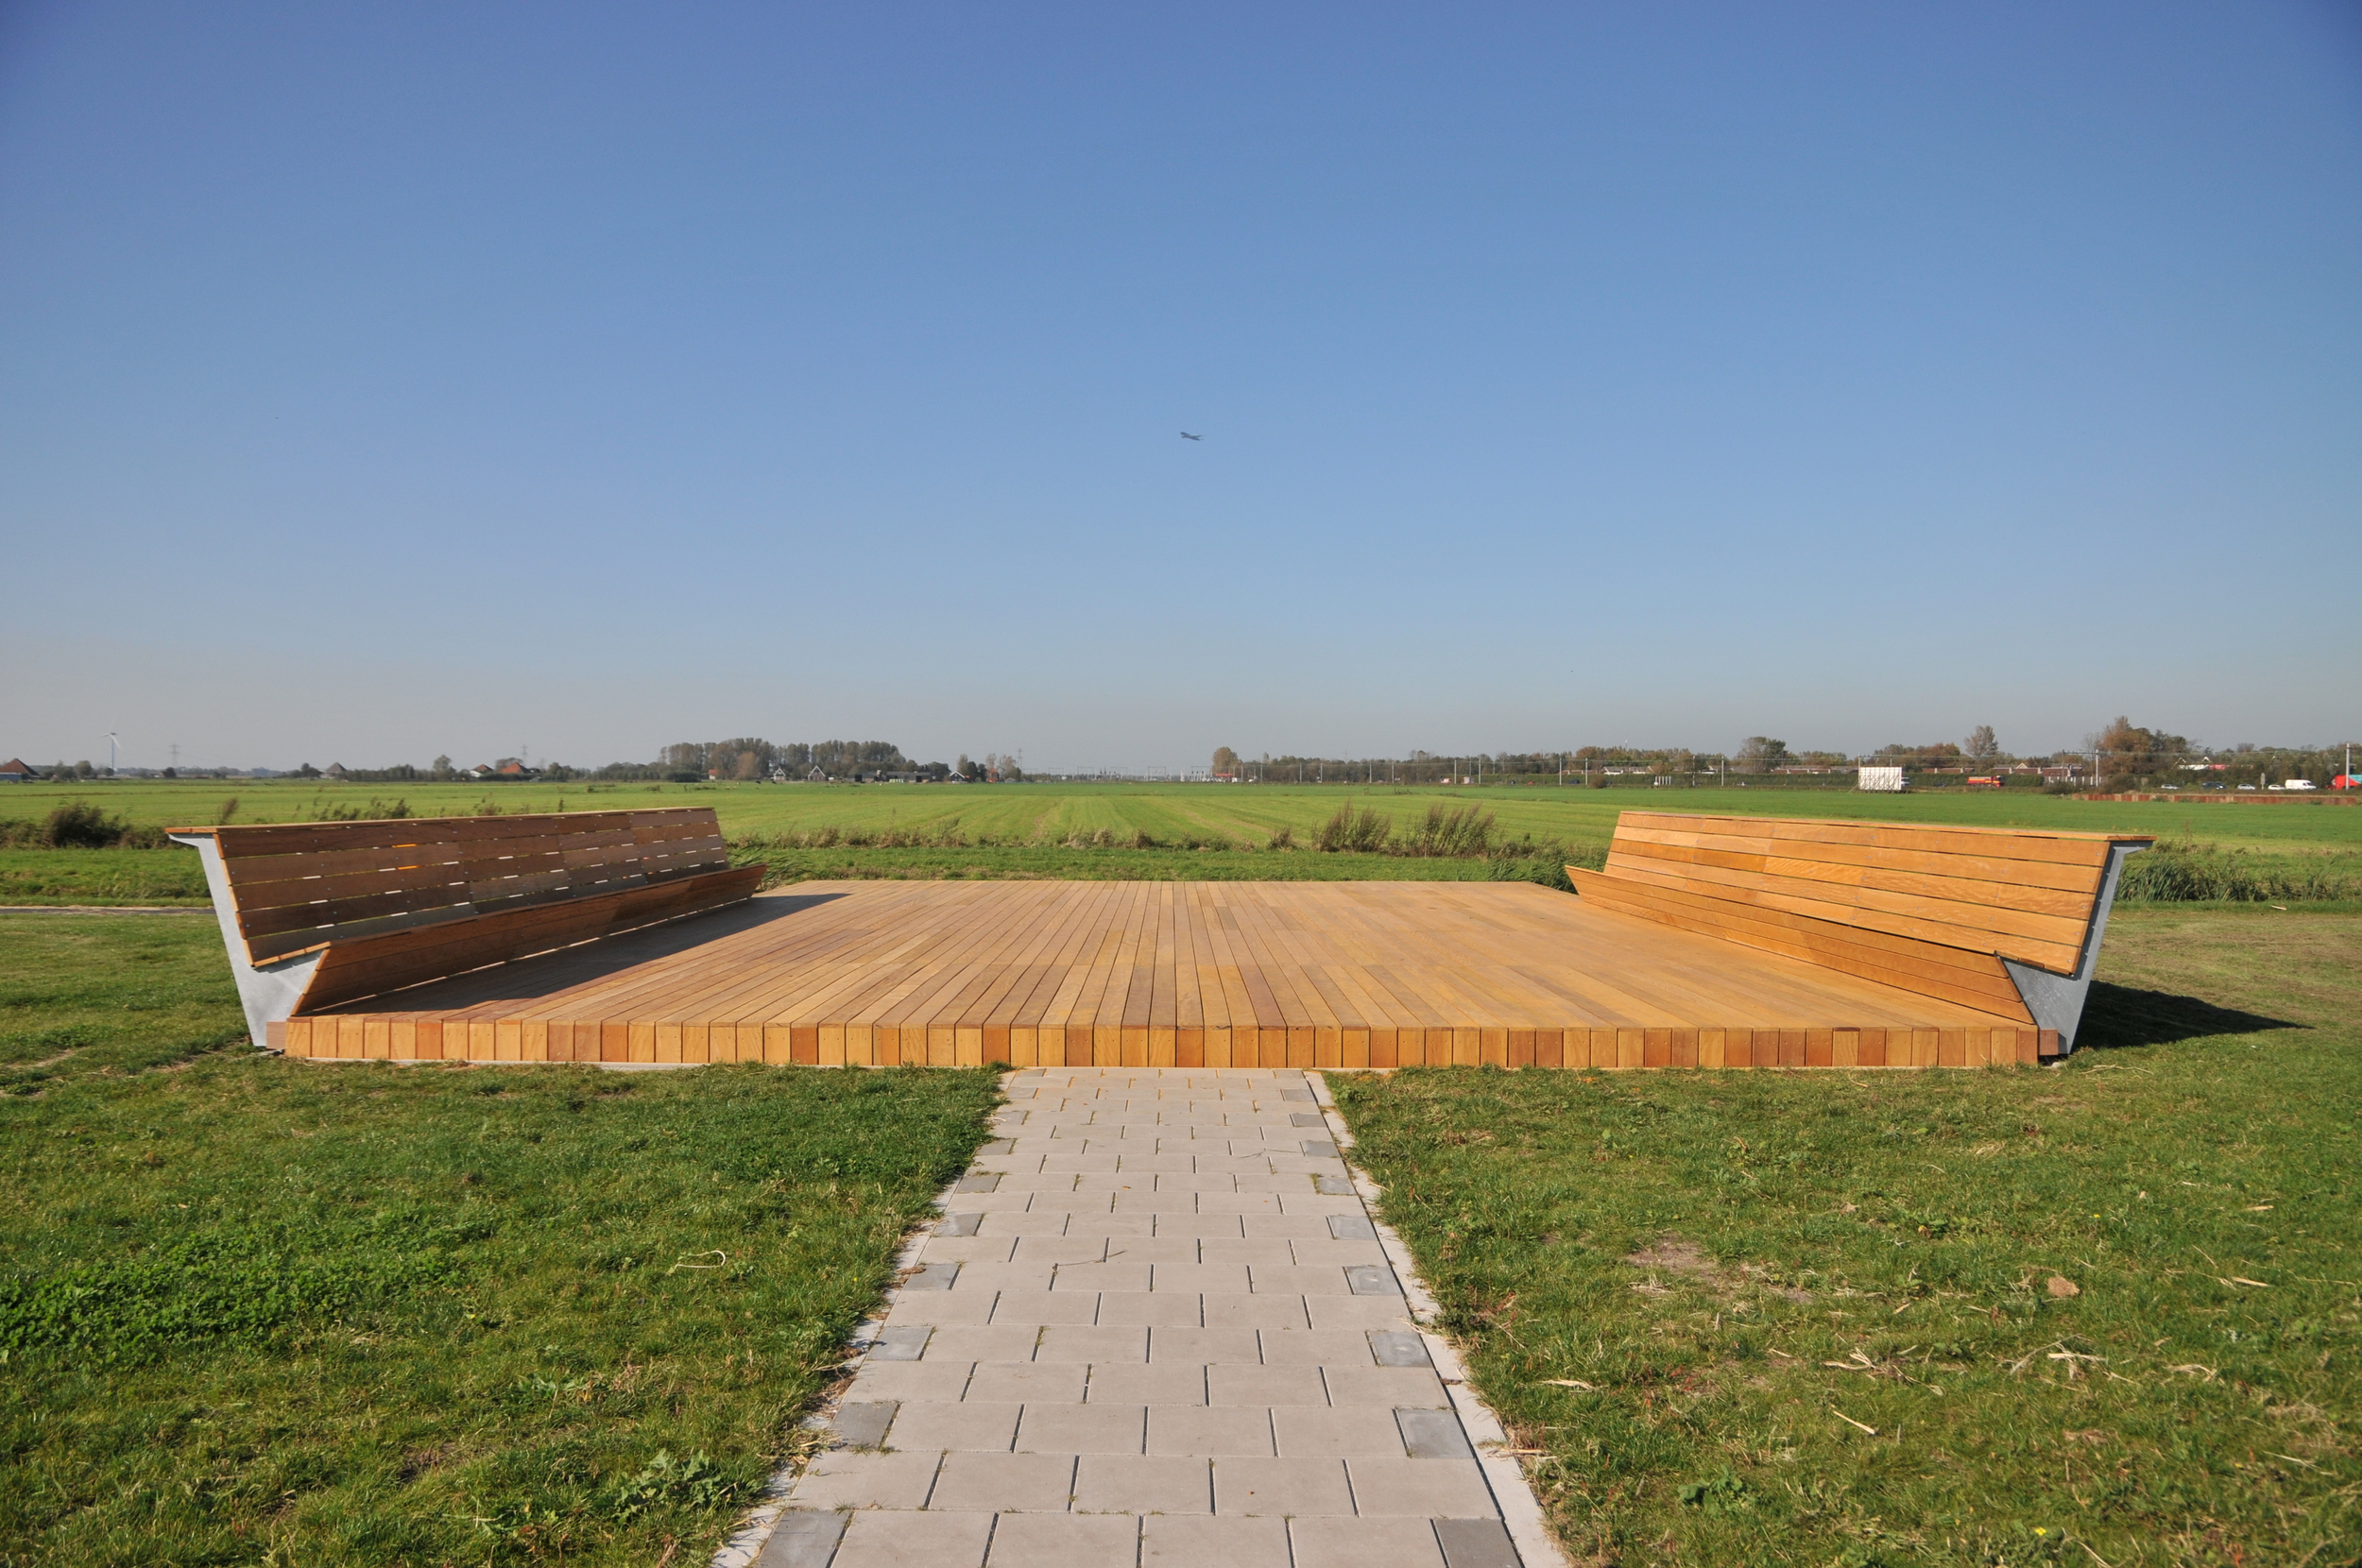 Buurtvlonder in Saendelft / Zaanstad